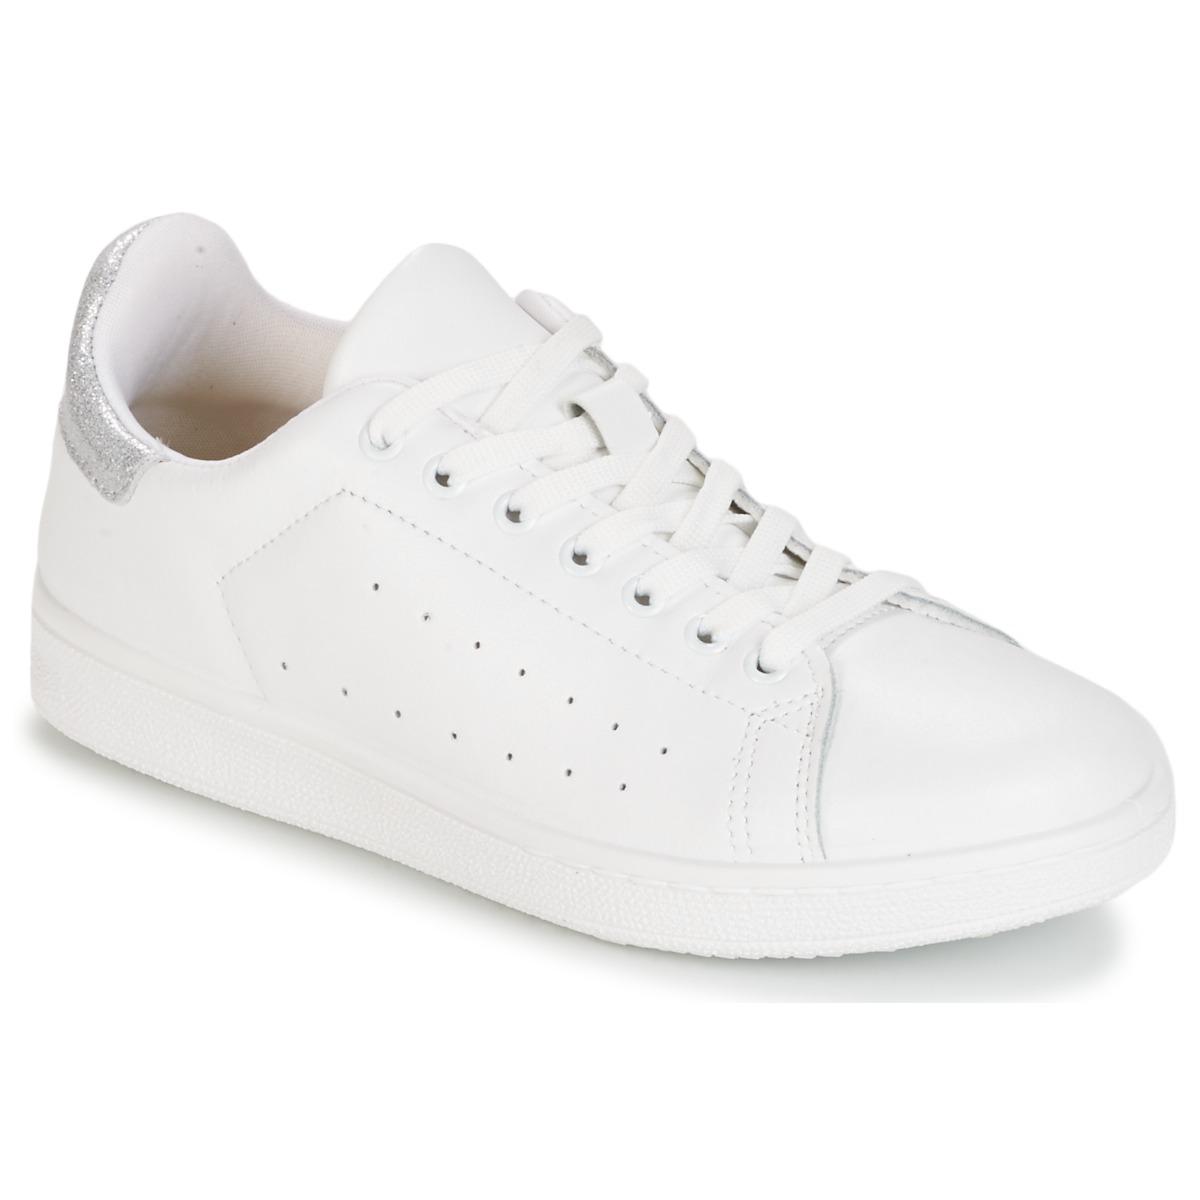 Yurban SATURNA Weiss / Silbern - Kostenloser Versand bei Spartoode ! - Schuhe Sneaker Low Damen 43,99 €